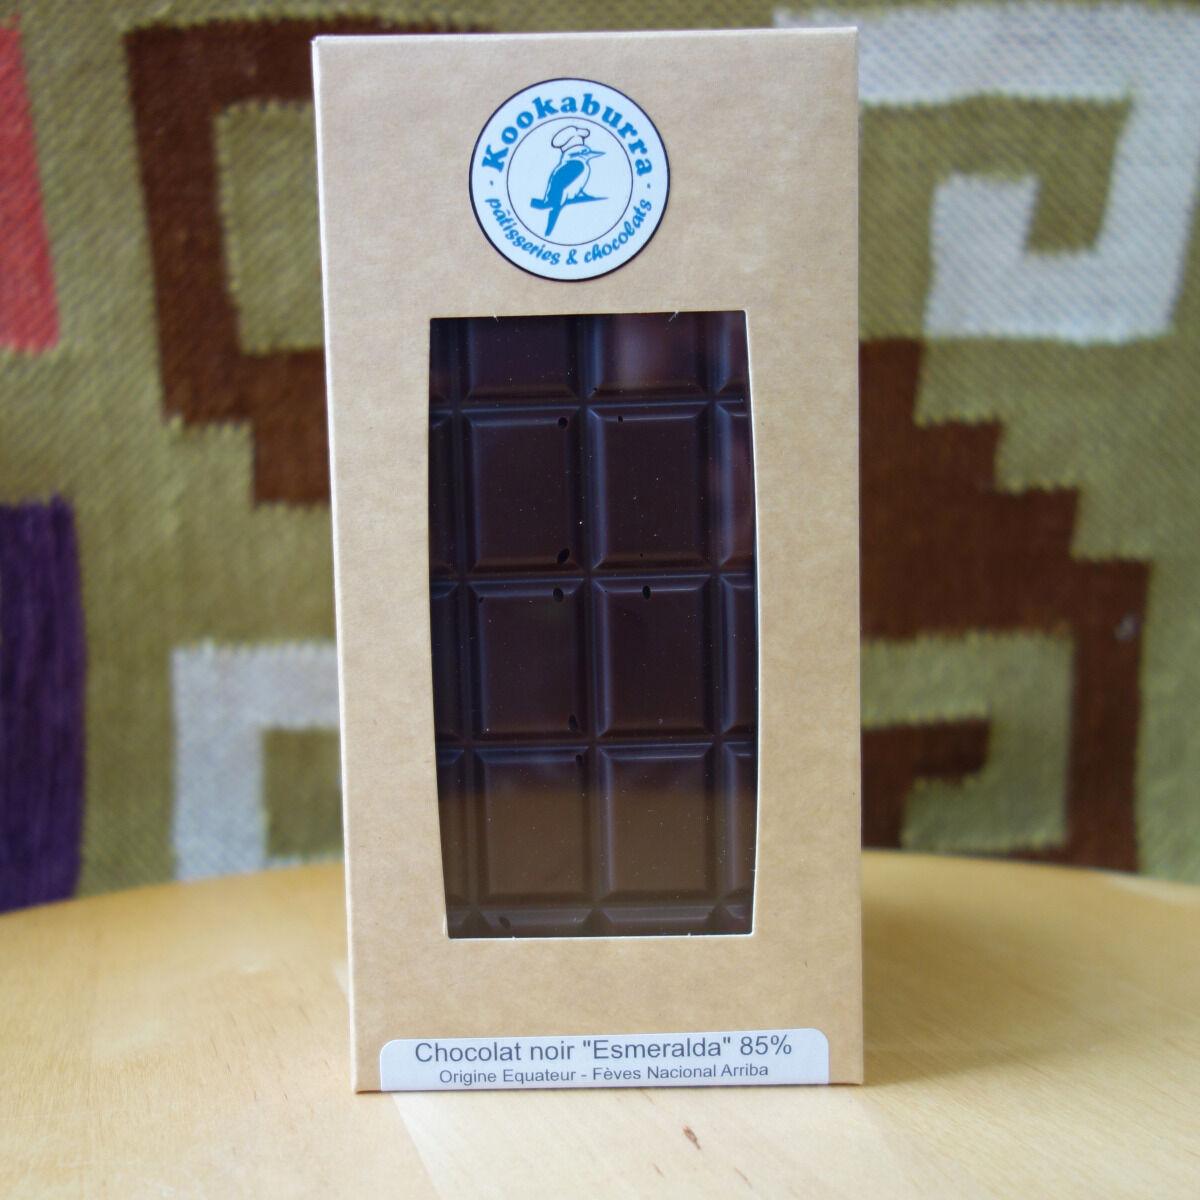 Pâtisserie Kookaburra Tablette Chocolat 85%